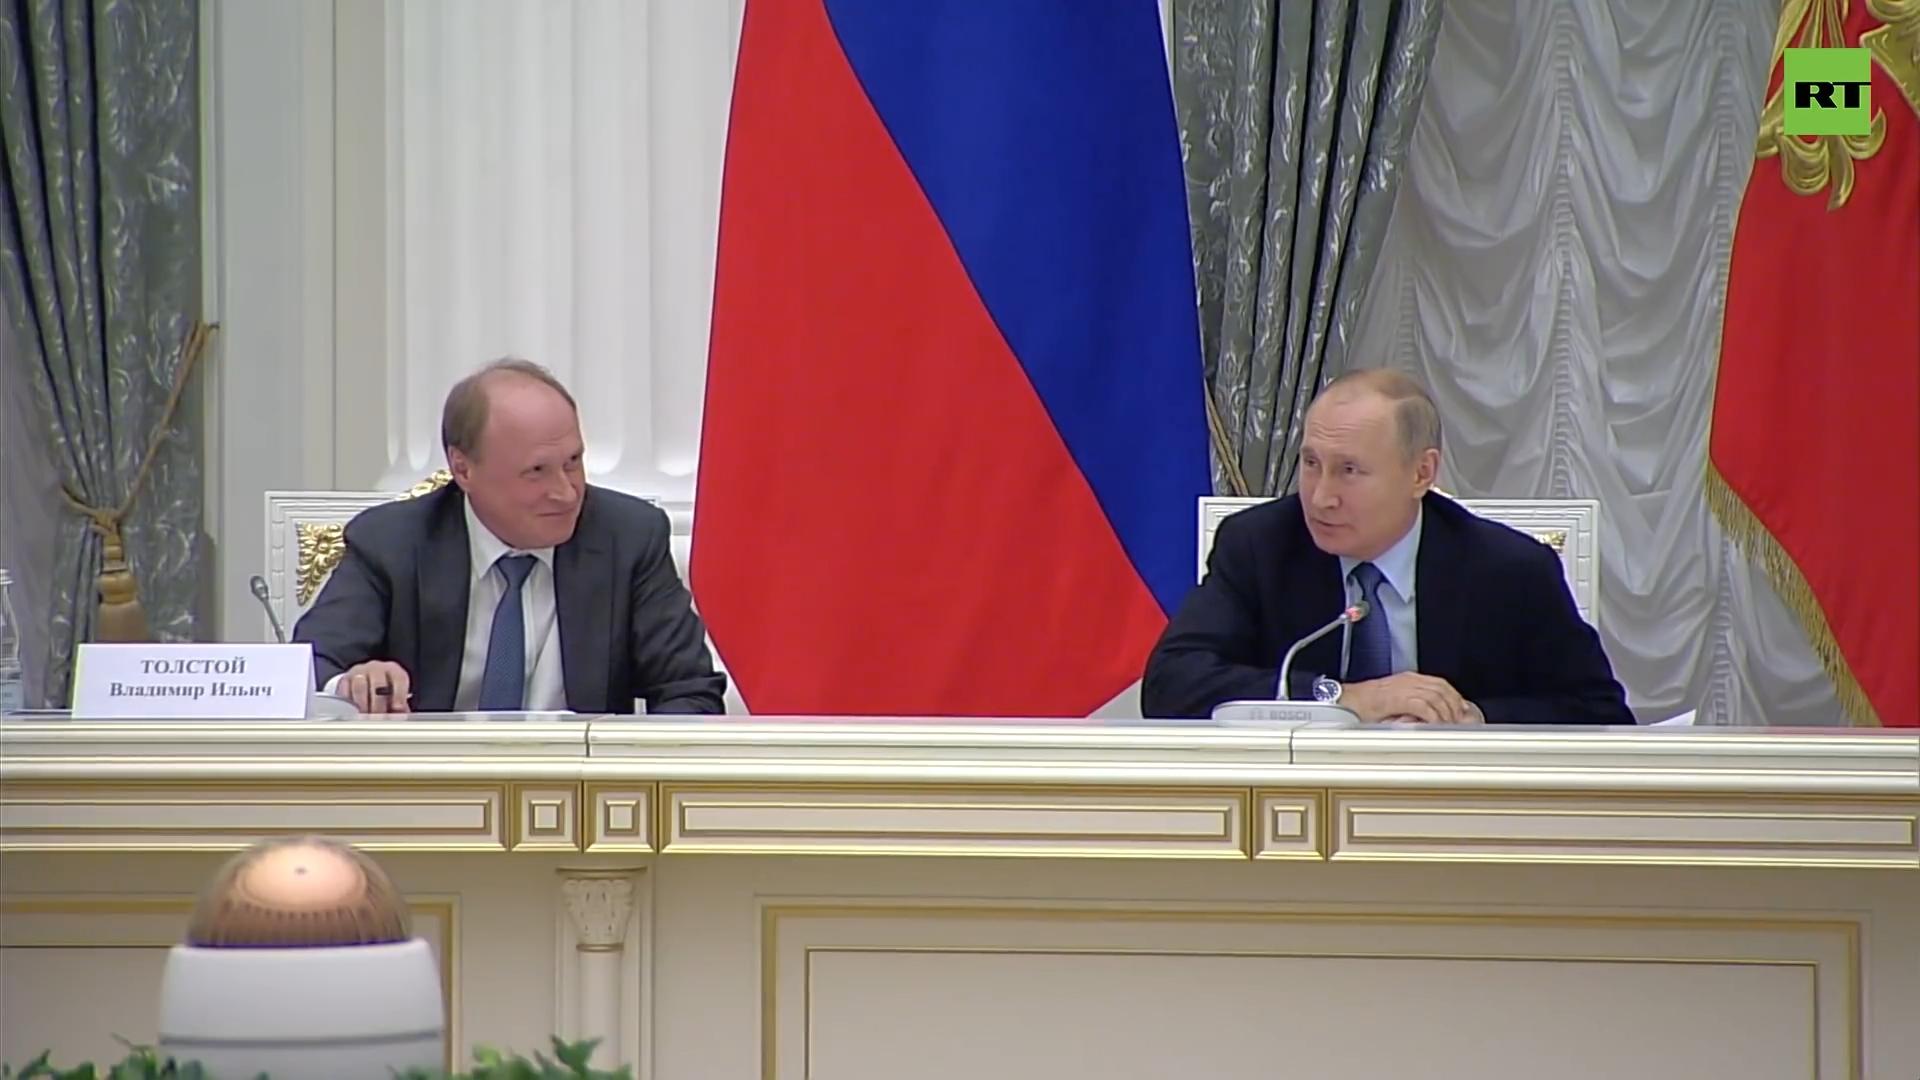 20191105_17-29-Путин поддержал идею организации юбилея Пушкина в 2024 году-pic2